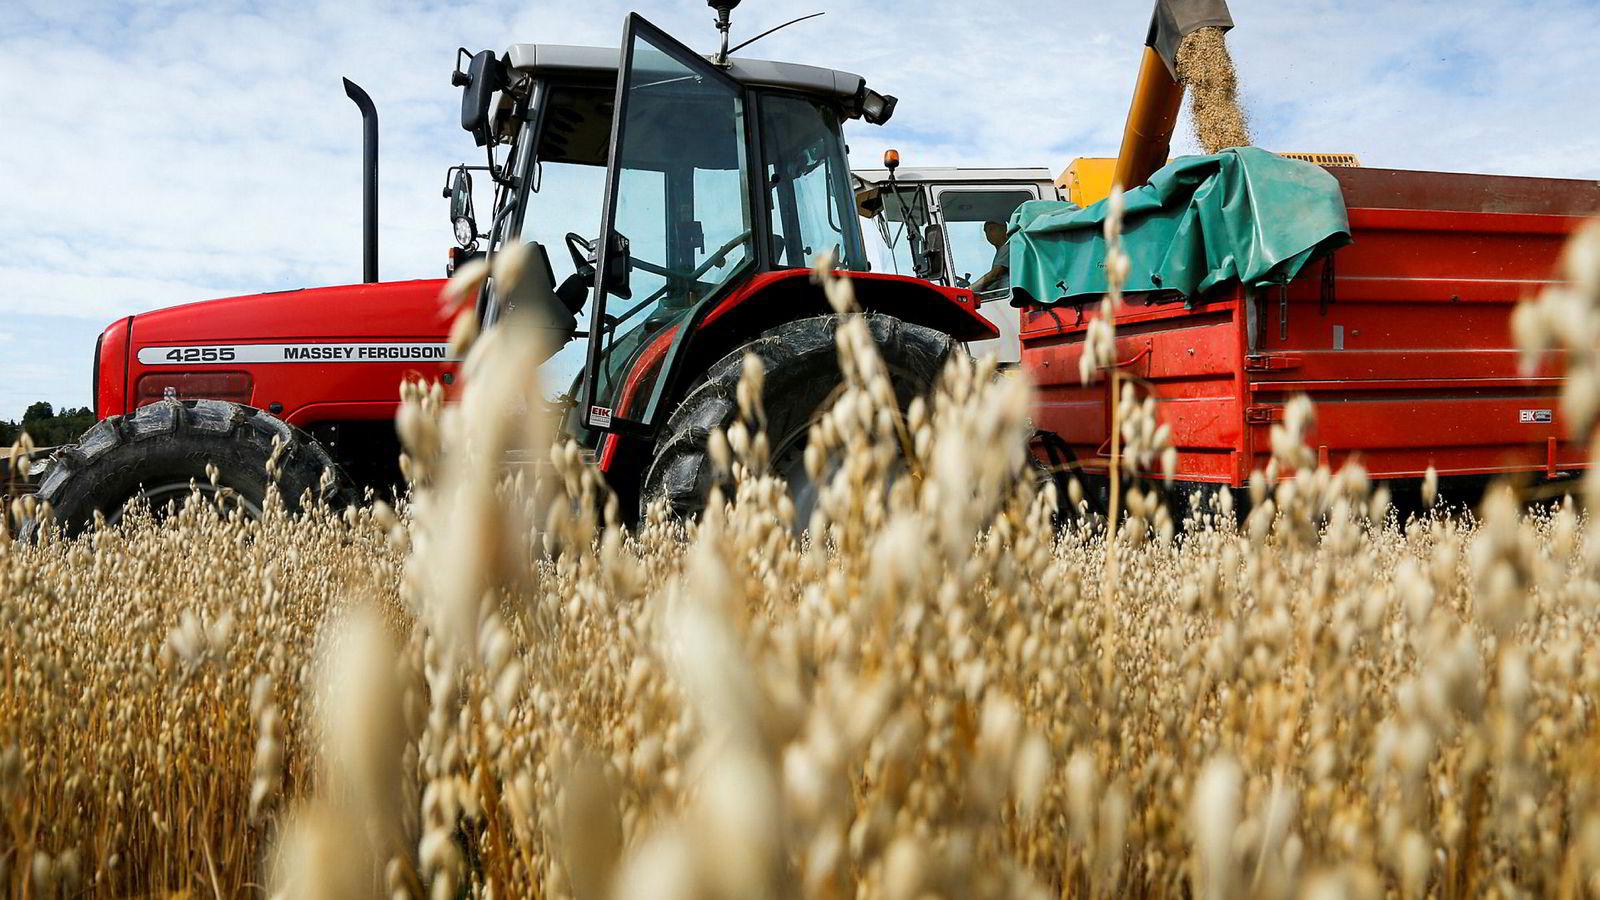 Å øke småskalabønders produksjon er avgjørende for å bekjempe sult og fattigdom, skriver artikkelforfatterne.